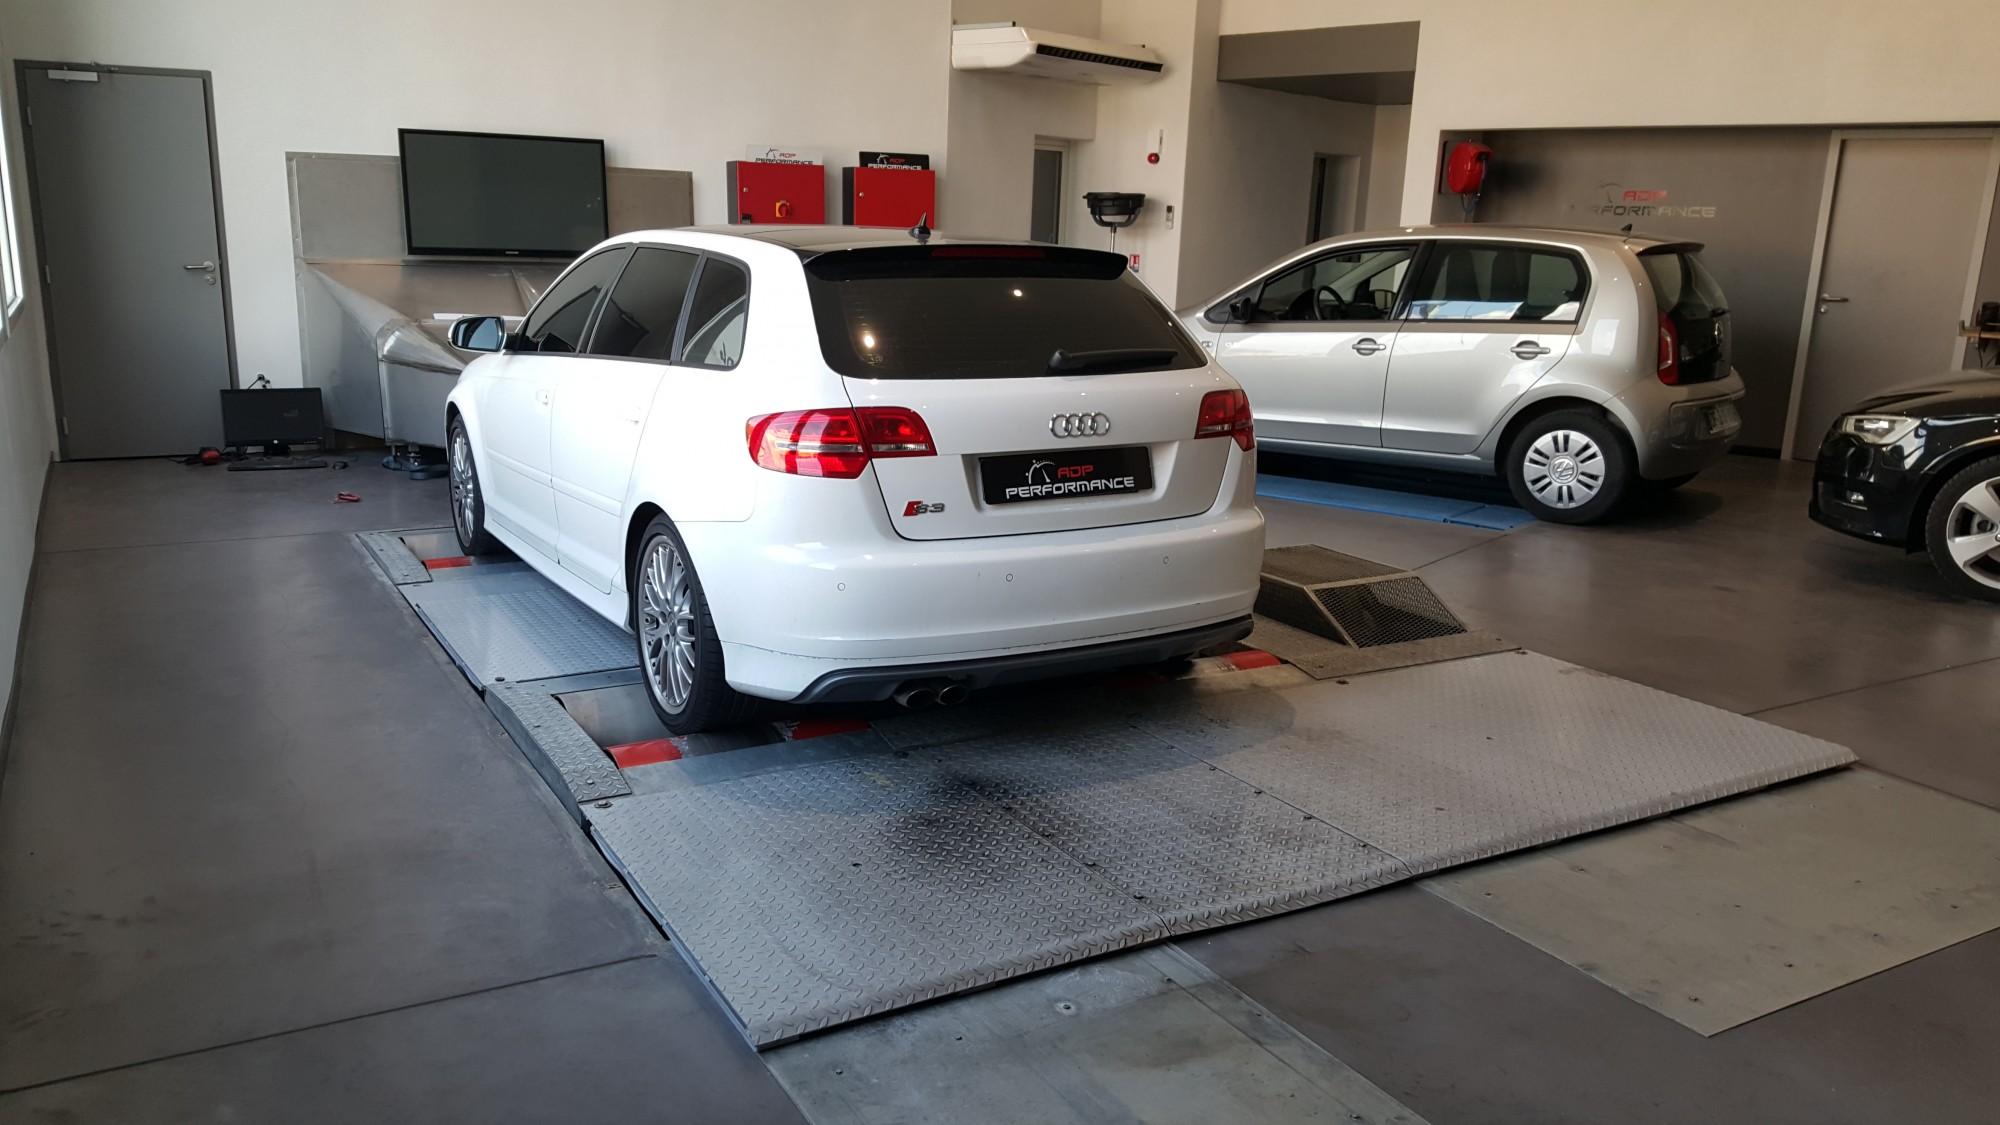 Films solaire Audi S3 à aix en provence